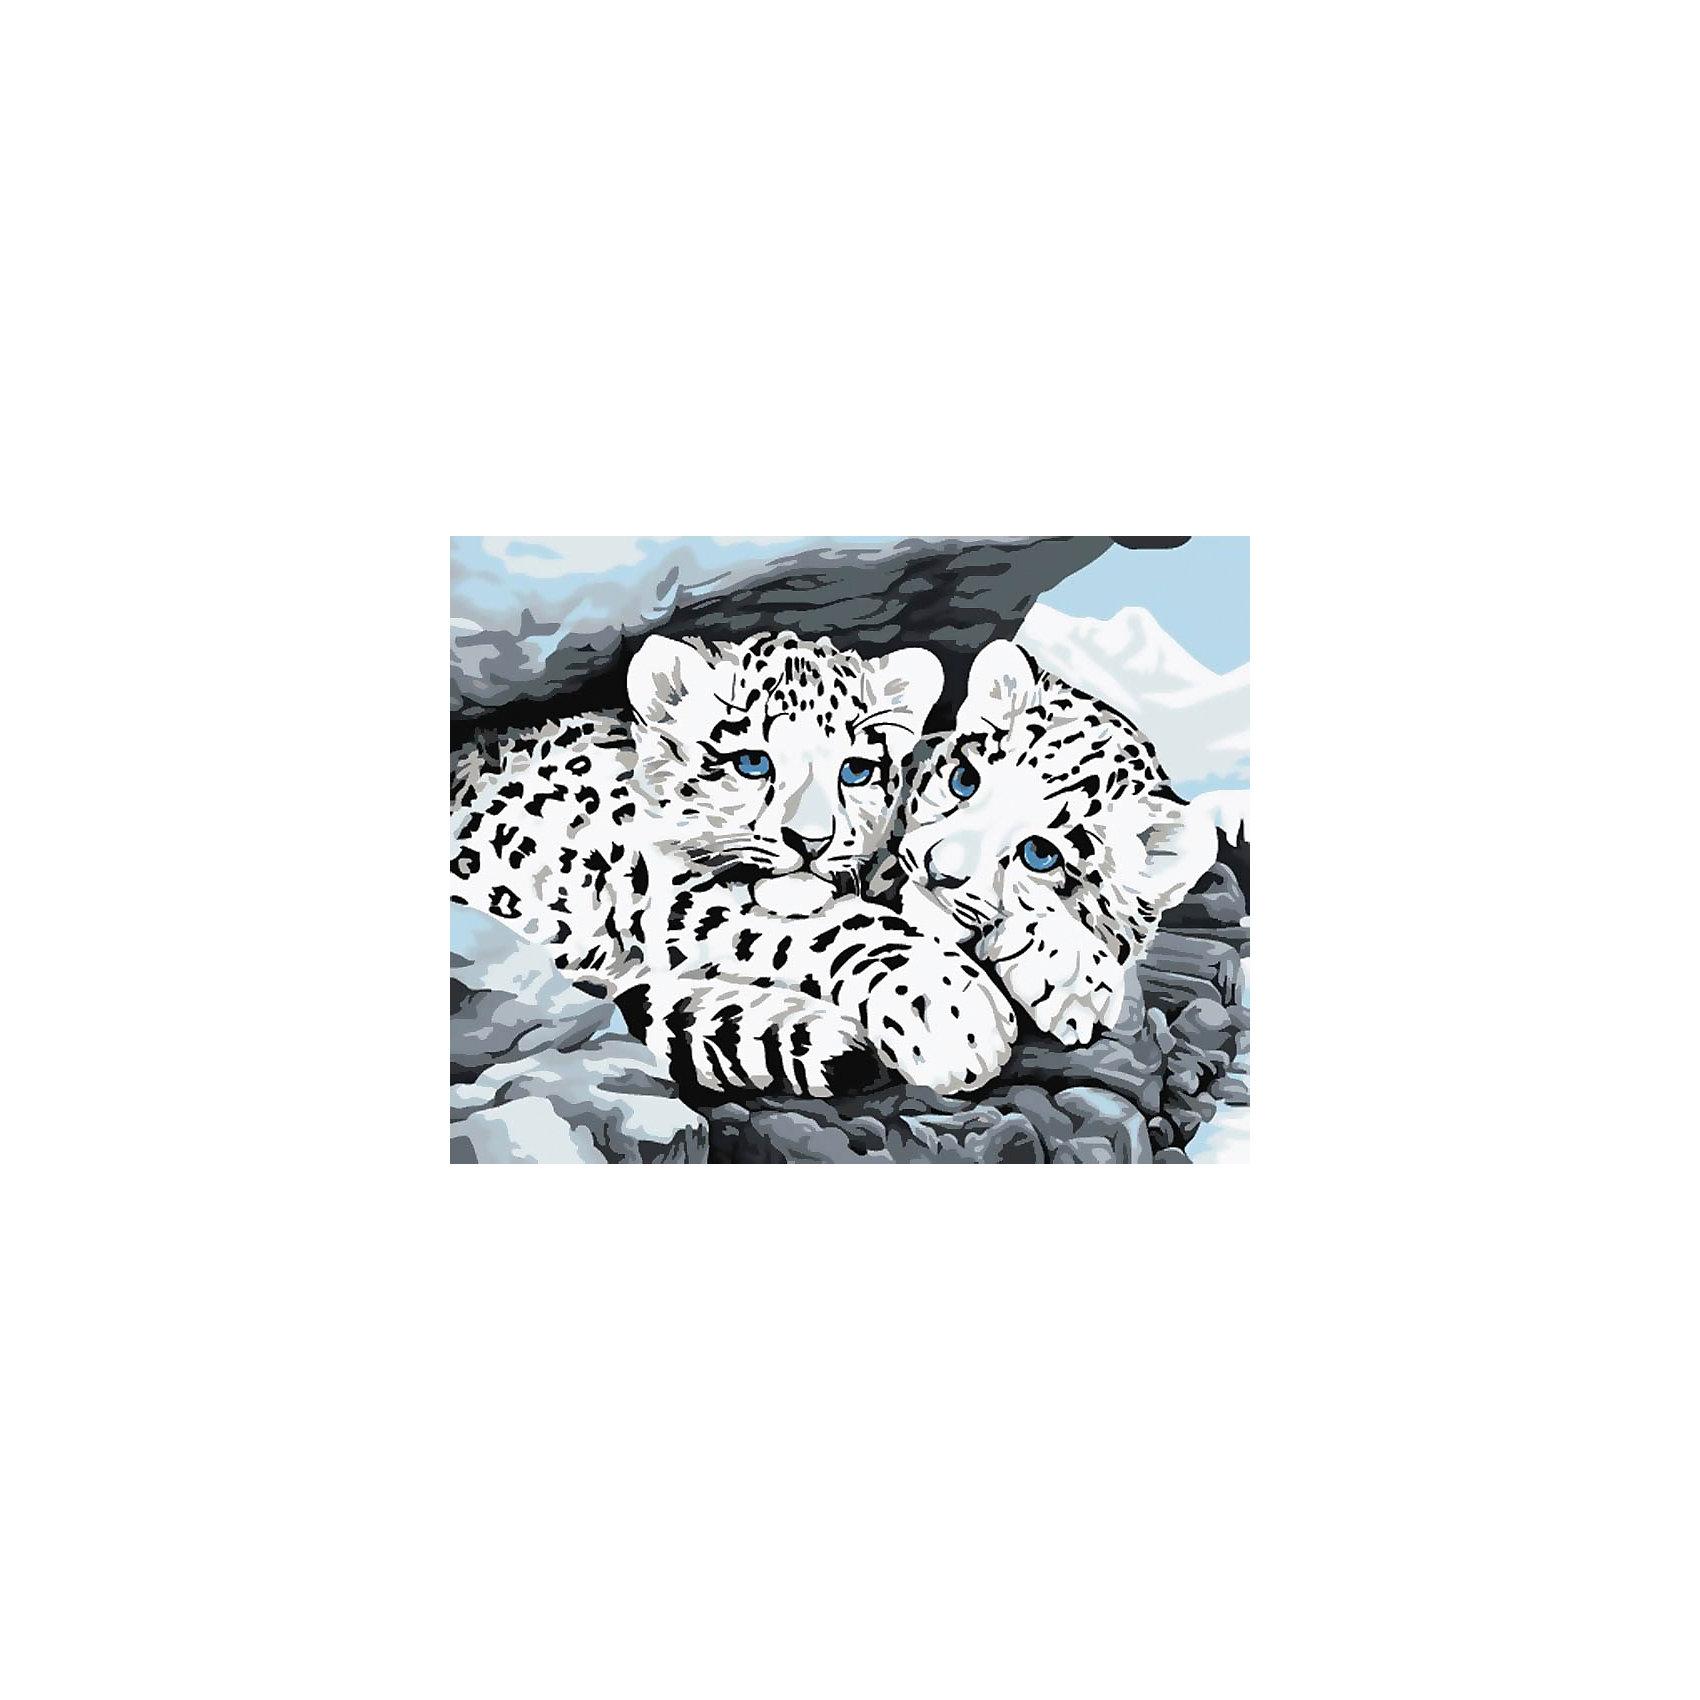 Белоснежка Живопись на холсте 30*40 см Снежные леопарды наборы для рисования белоснежка живопись на холсте 30х40 см сова с ключиком 125 as